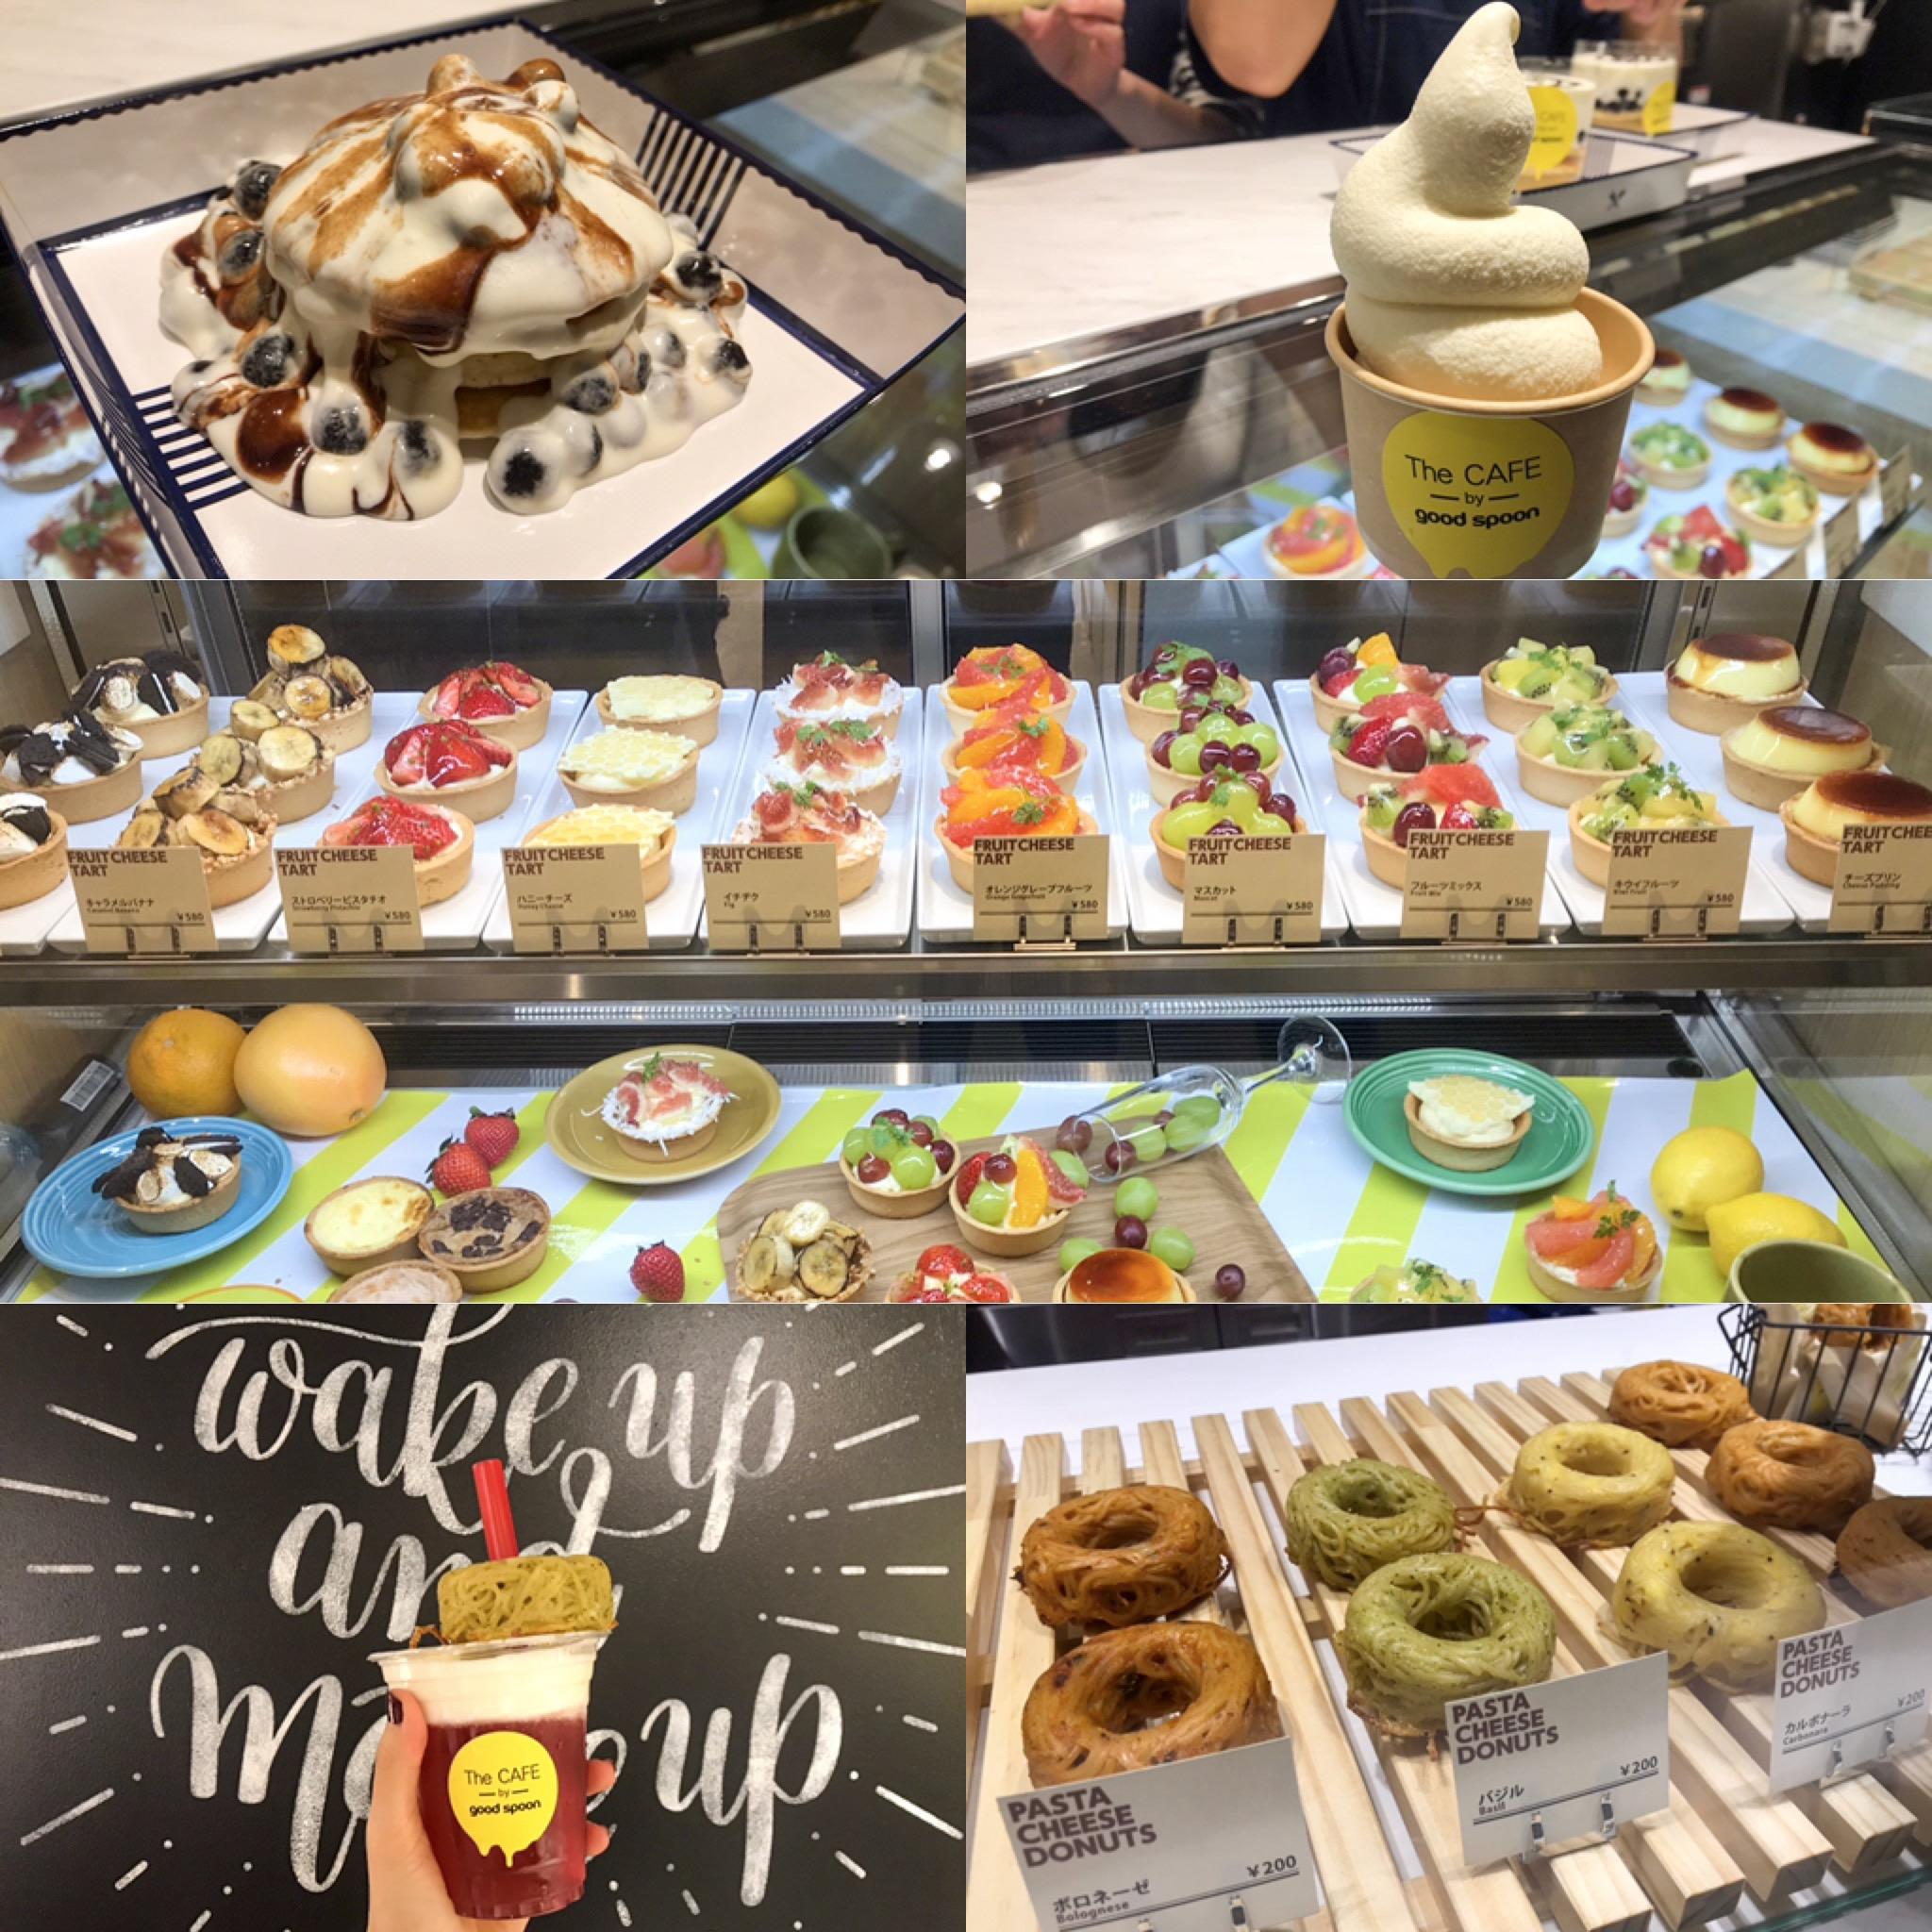 みなとみらい新スポット『横浜ハンマーヘッド』がオープン! おしゃれカフェ、お土産におすすめなグルメショップ5選 photoGallery_1_21